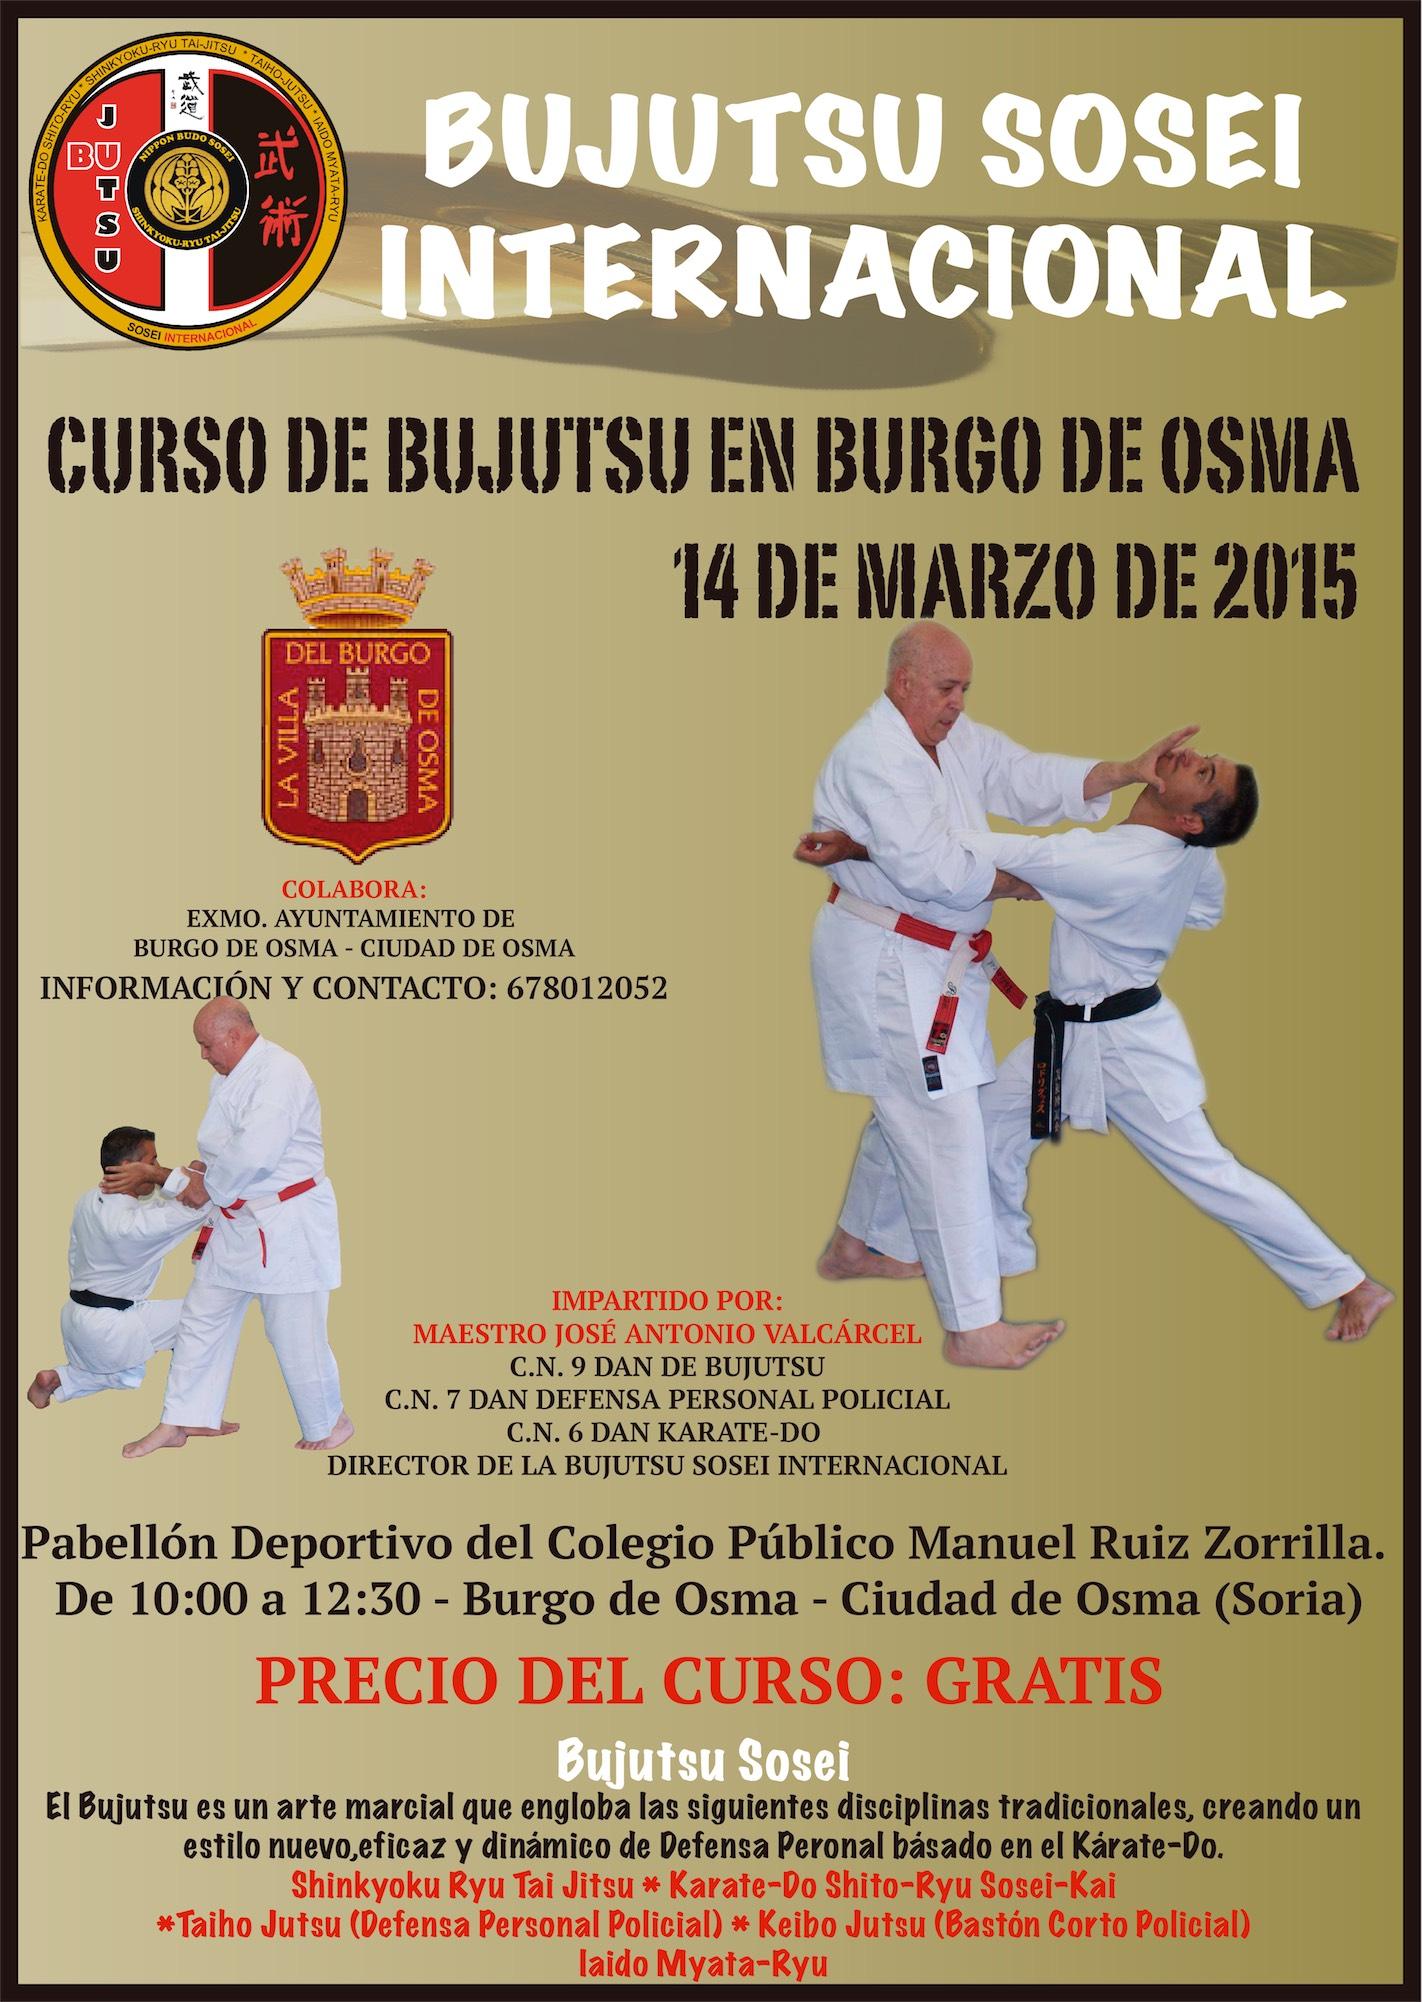 BURGO DE OSMA 3